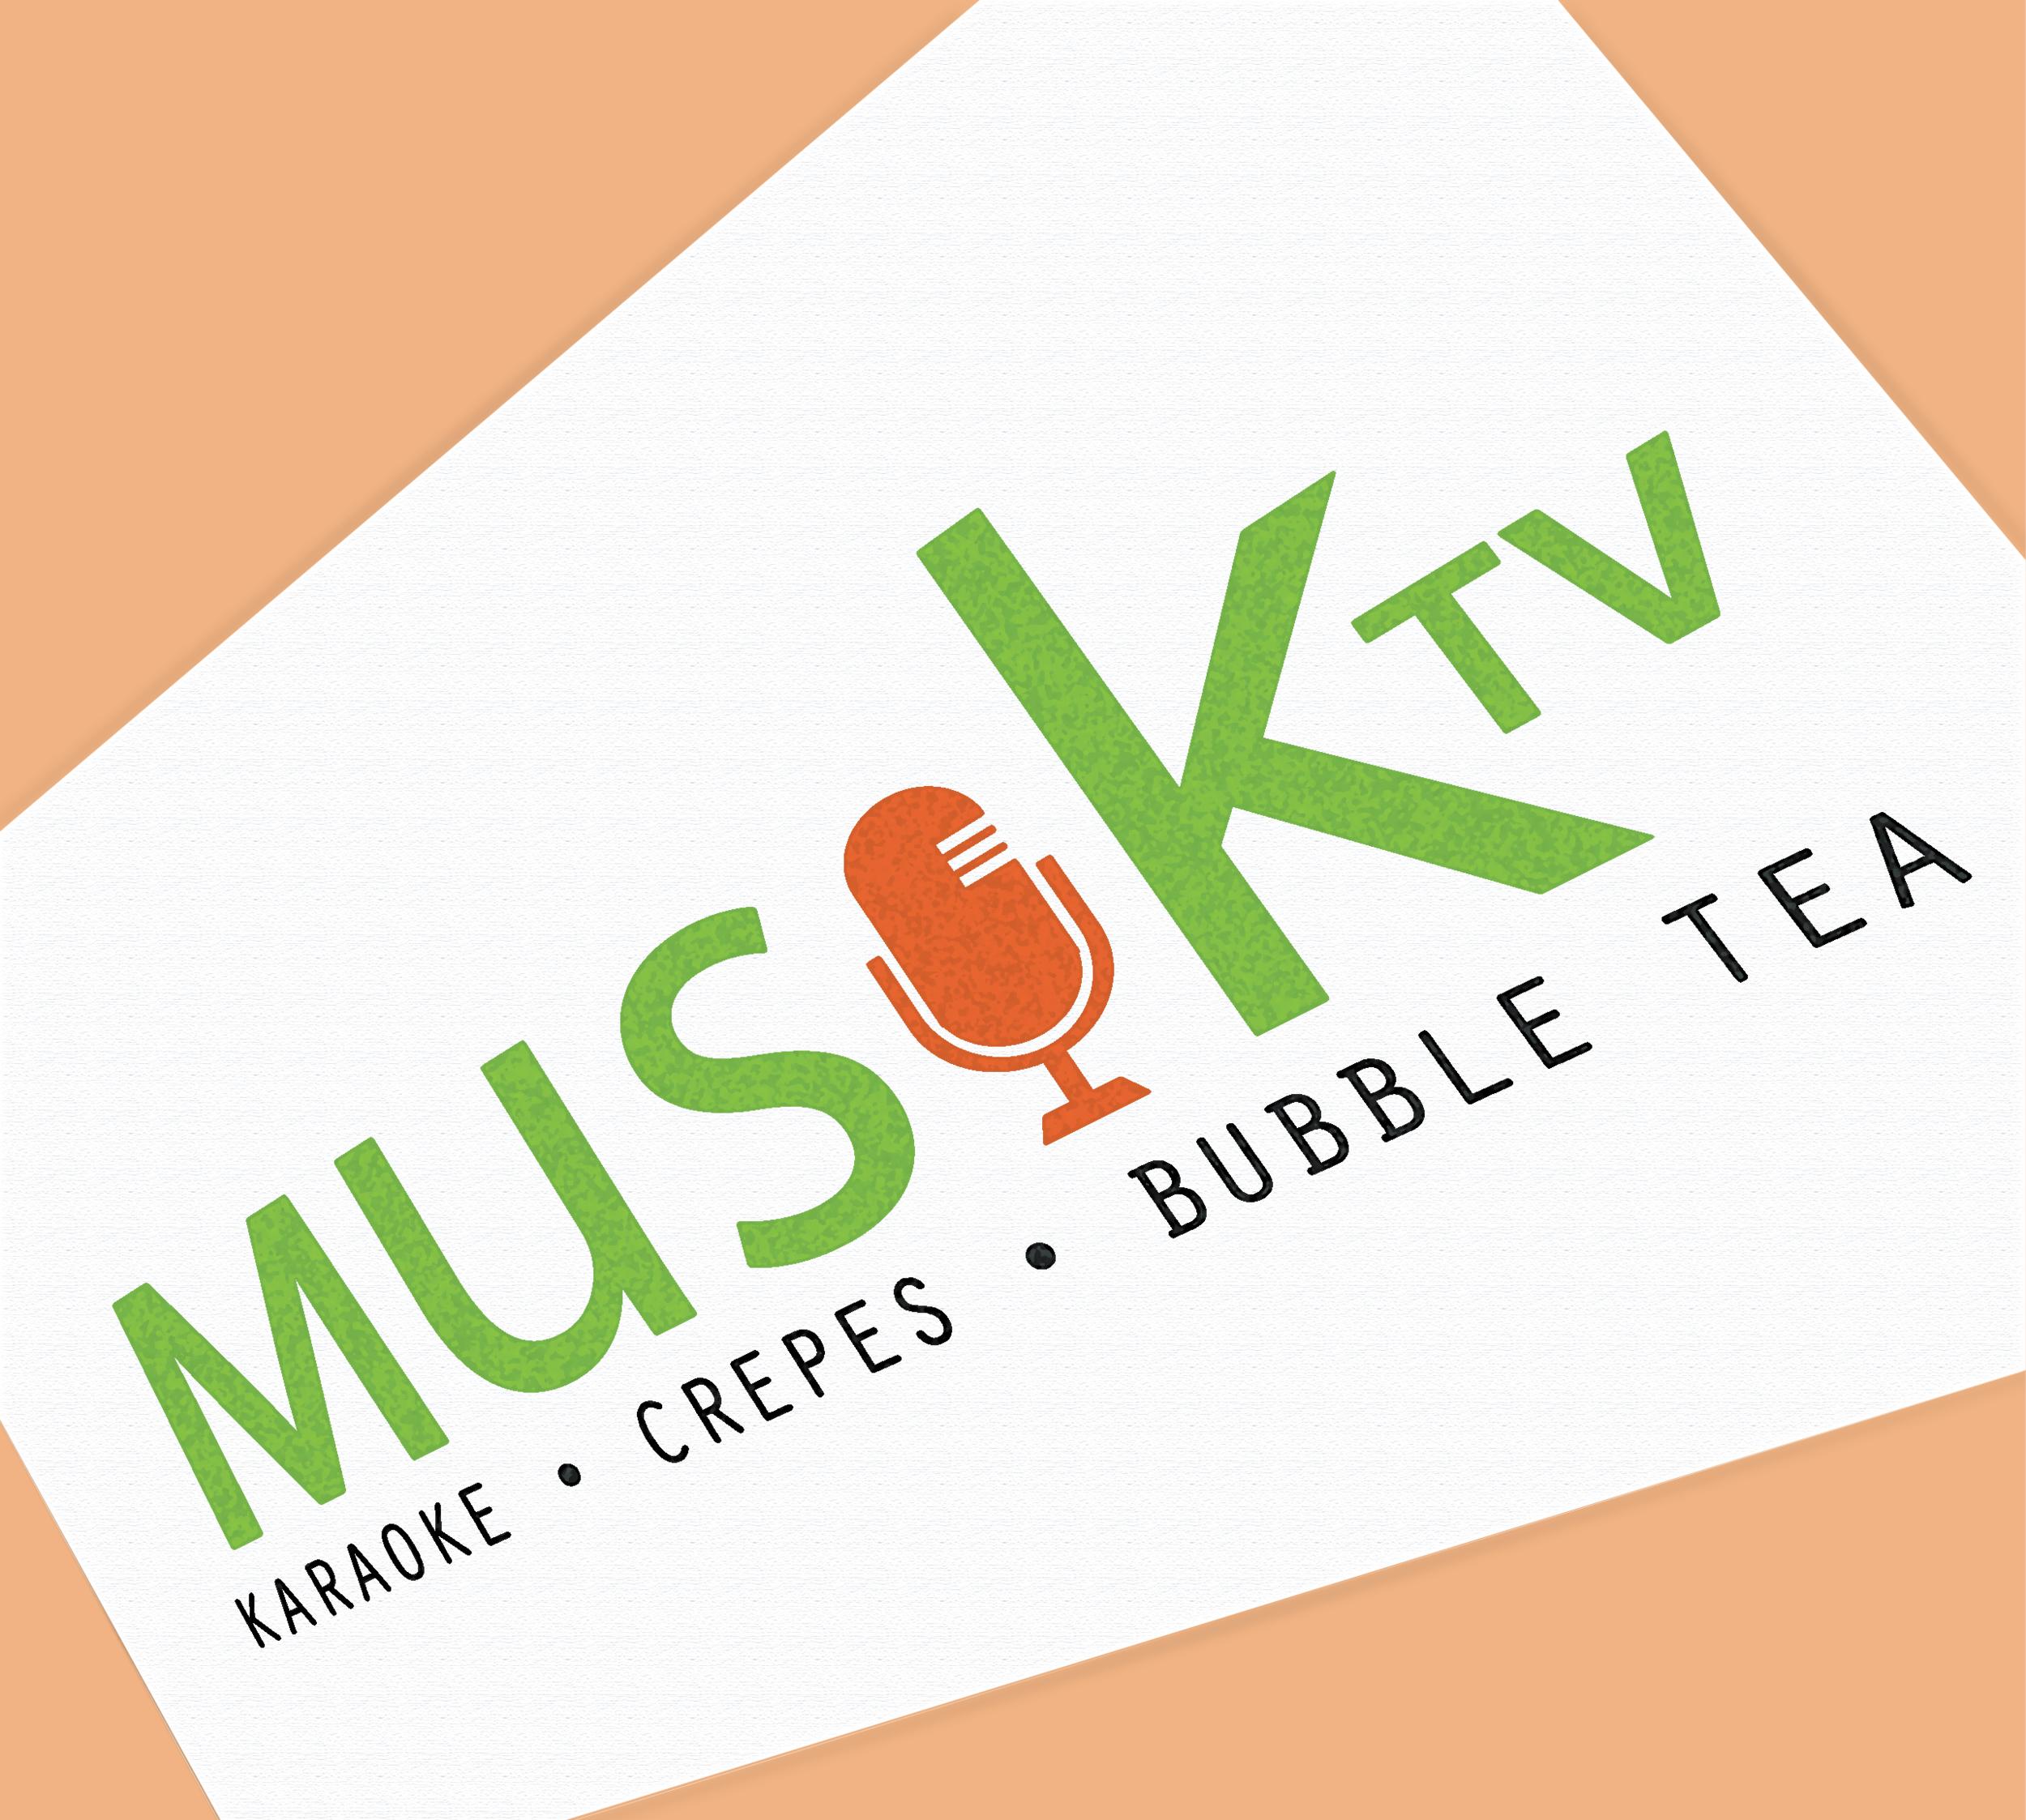 Musiktv.png